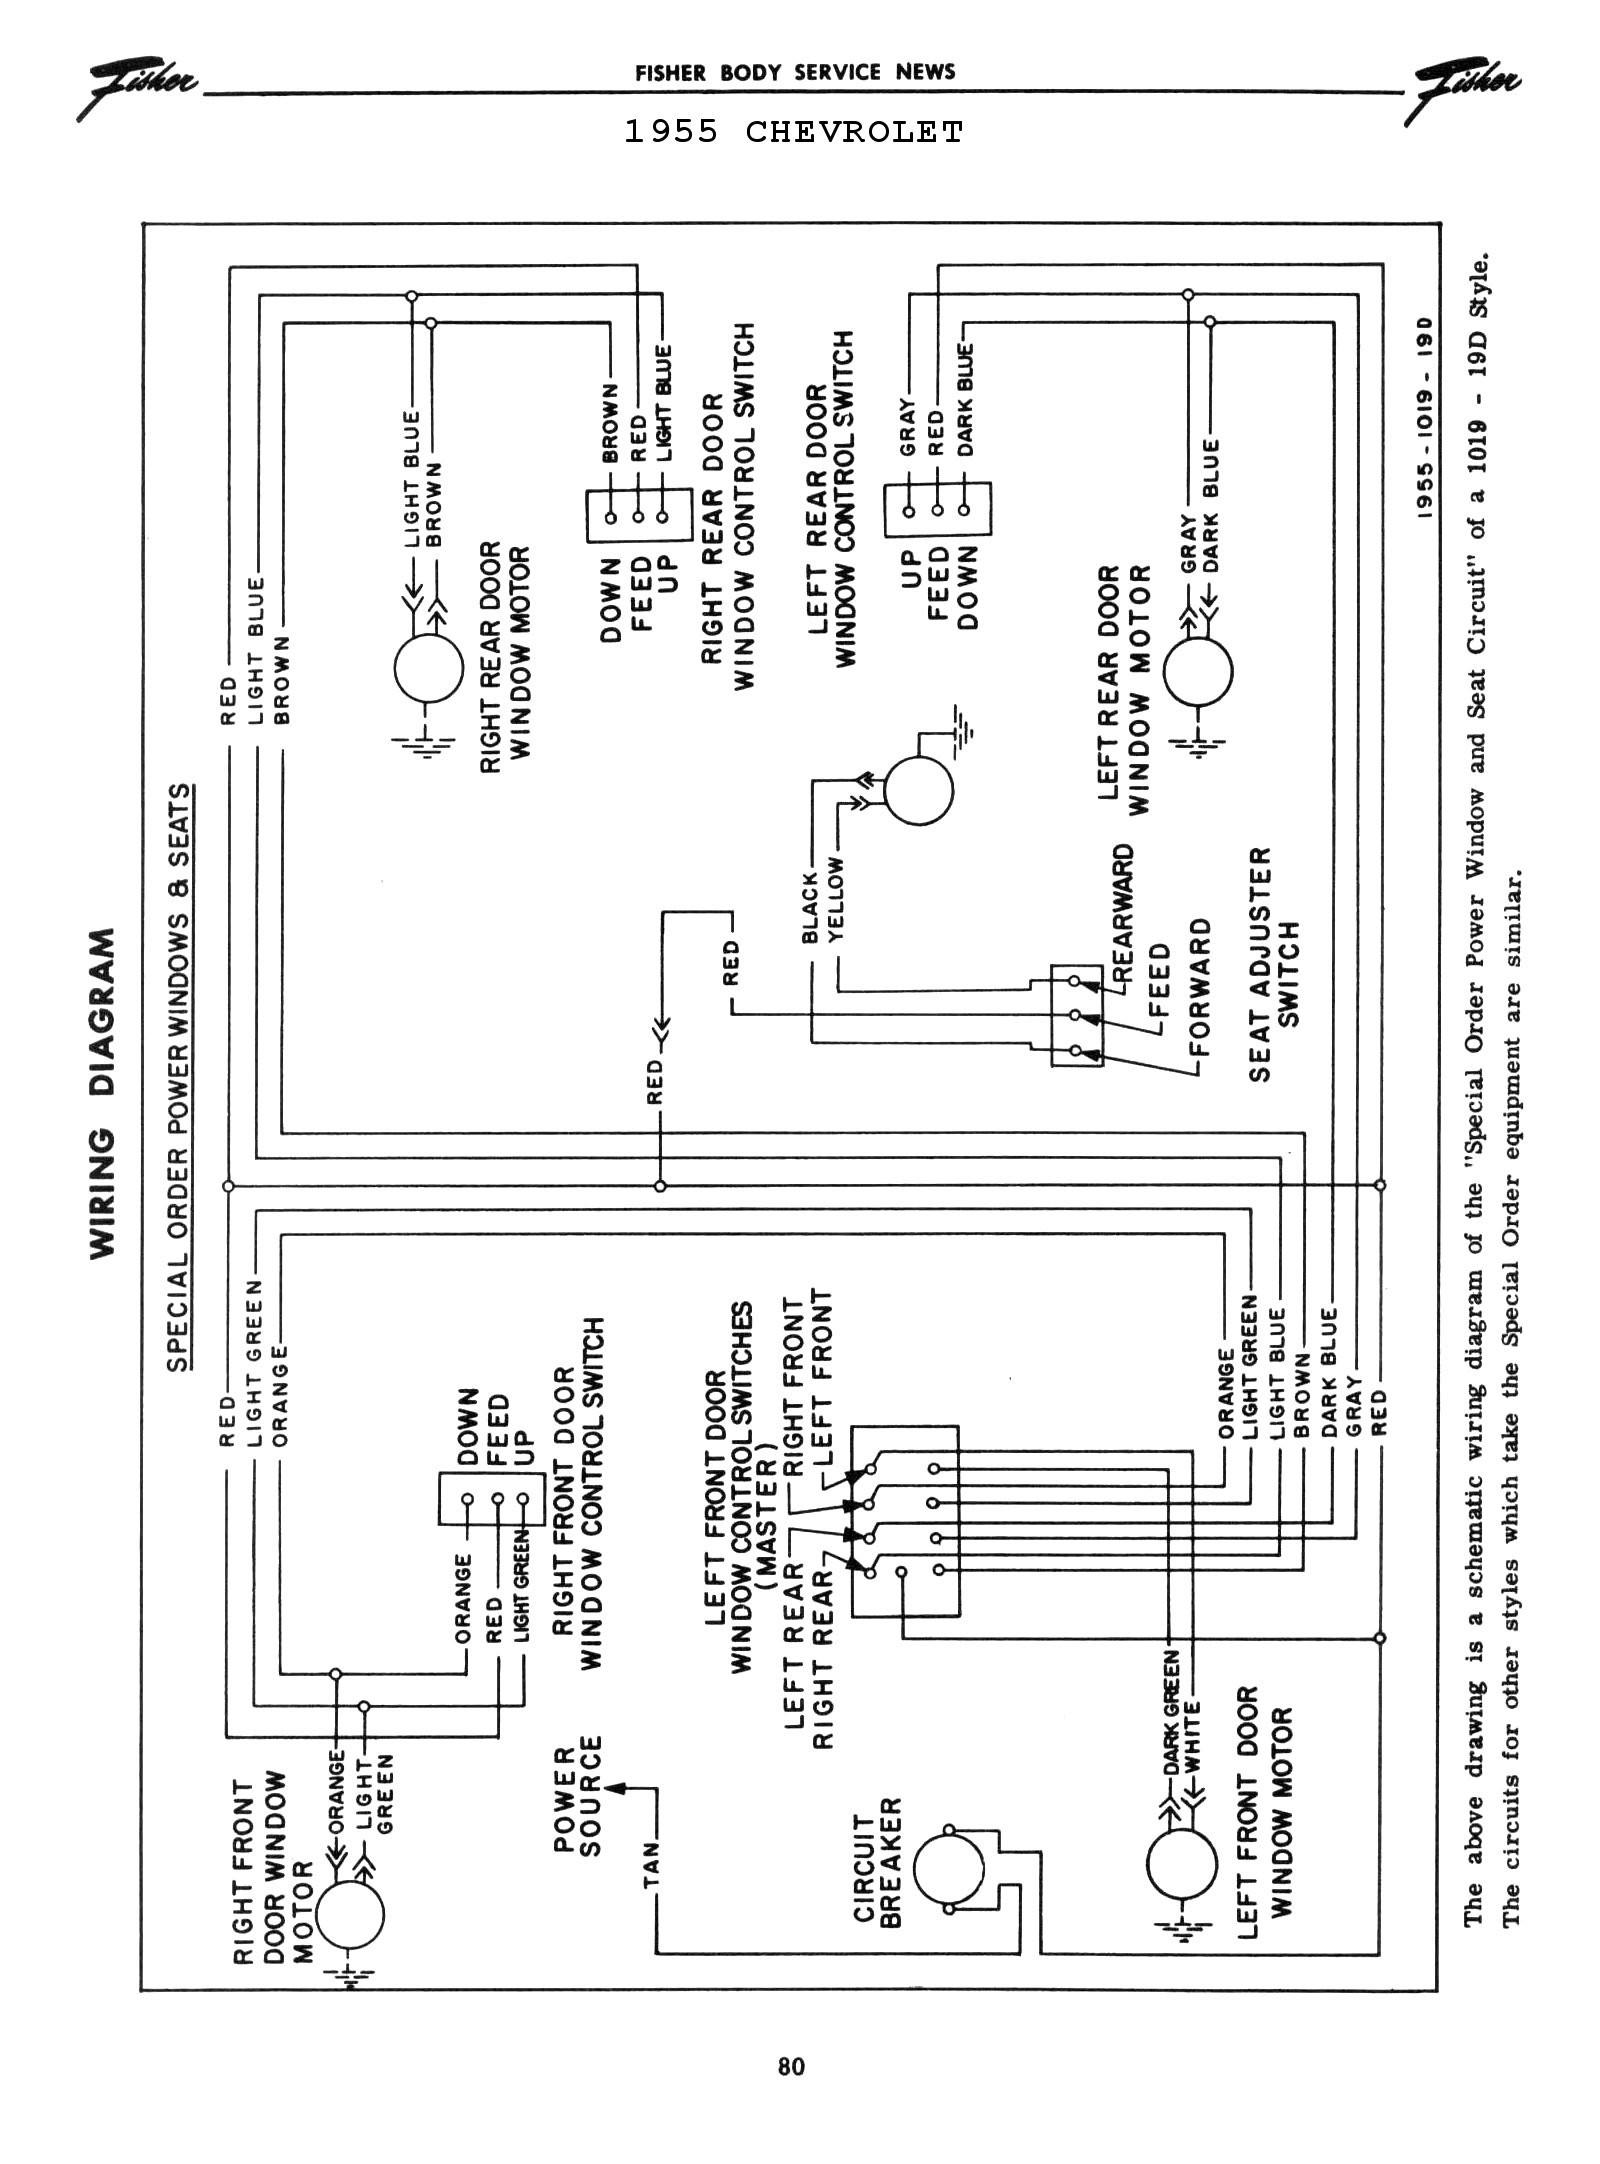 hight resolution of 1957 chevy power window wiring diagram explore schematic wiring 1987 dakota wiring diagram 1987 chevrolet blazer